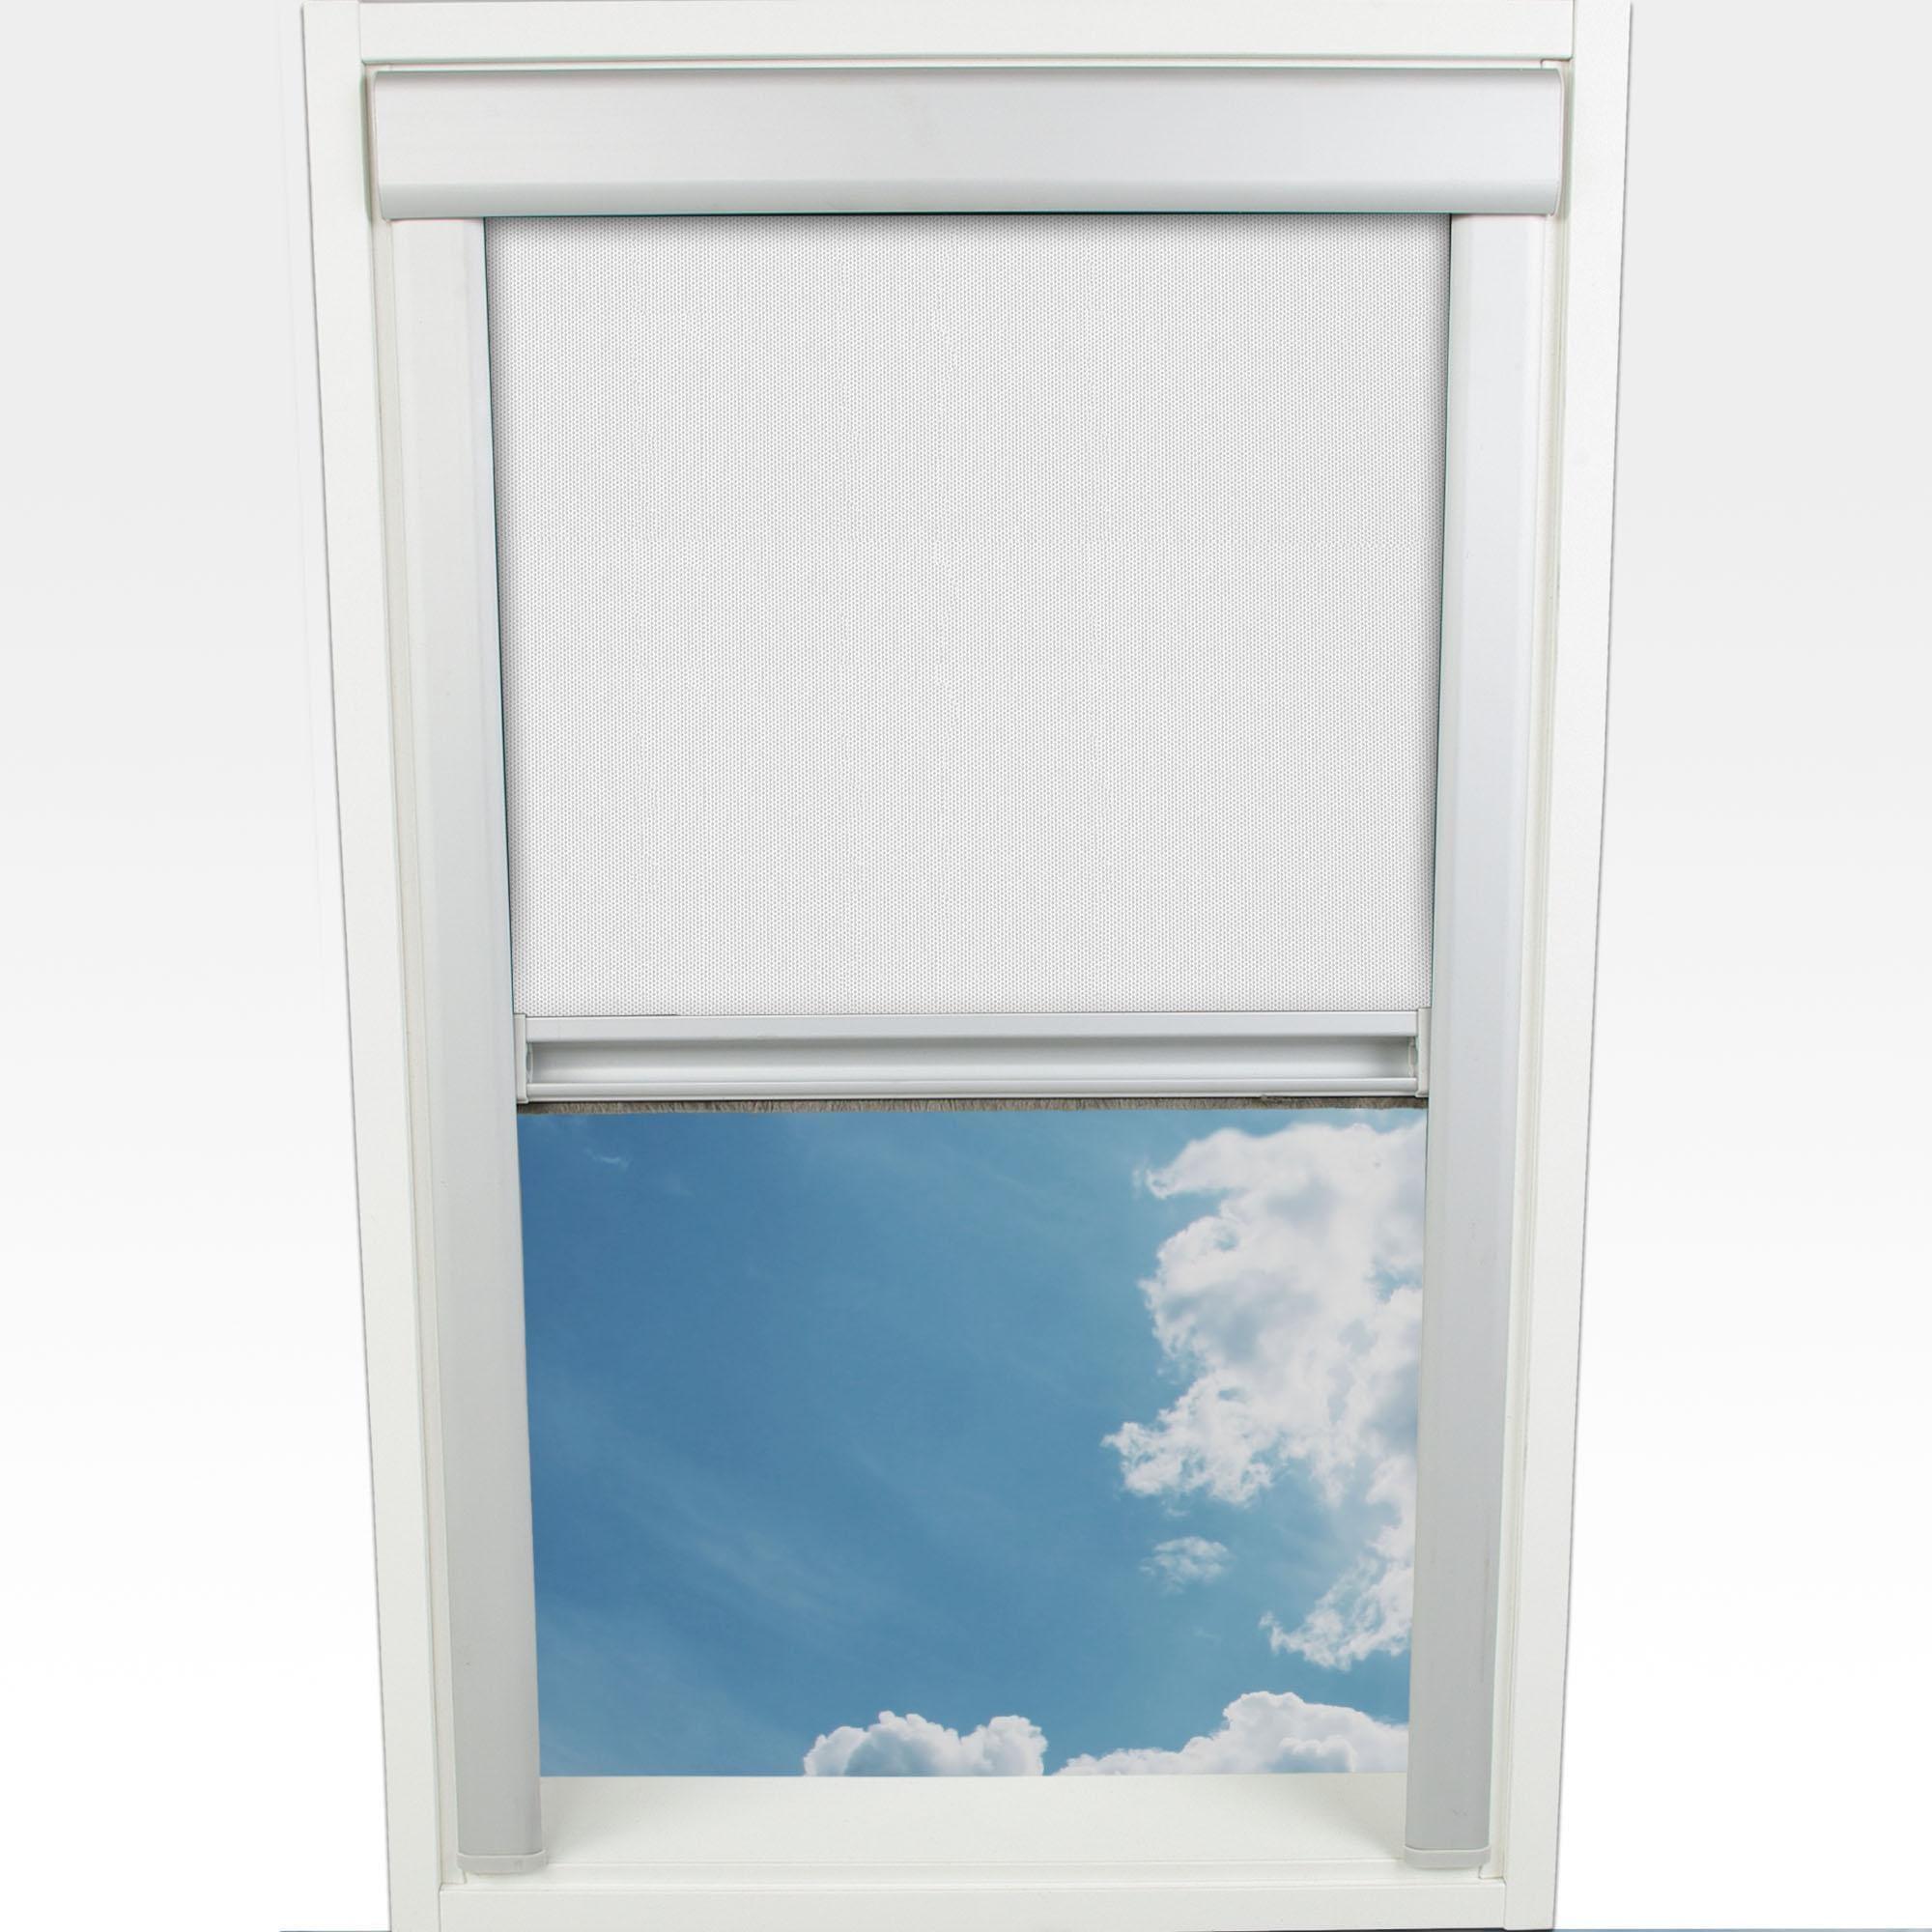 Dachfensterrollo Liedeco Verdunkelung im Fixmaß mit Bohren Wohnen/Wohntextilien/Rollos & Jalousien/Rollos/Dachfensterrollos